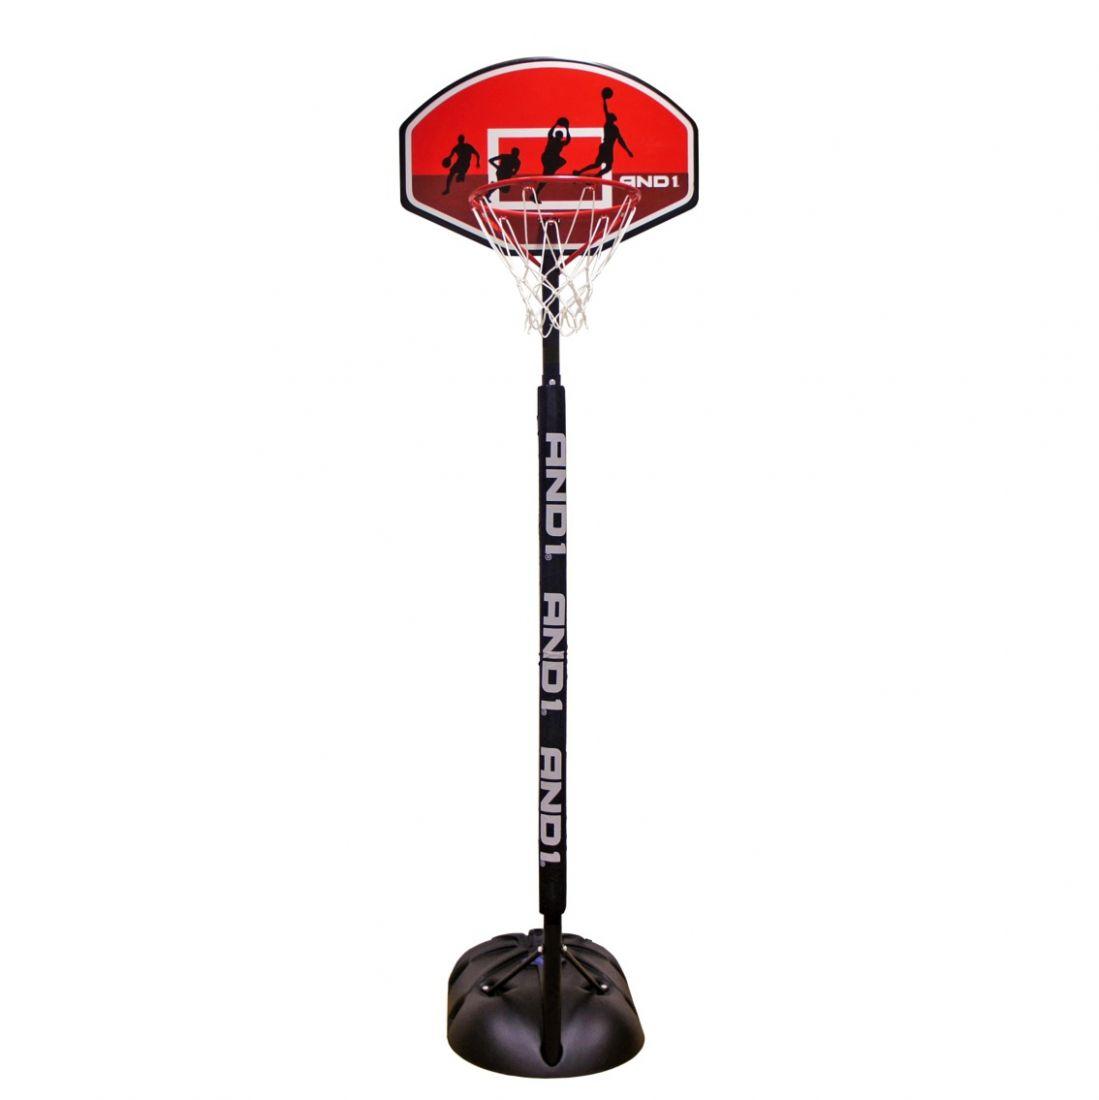 Баскетбольная стойка AND 1 Game Time Youth